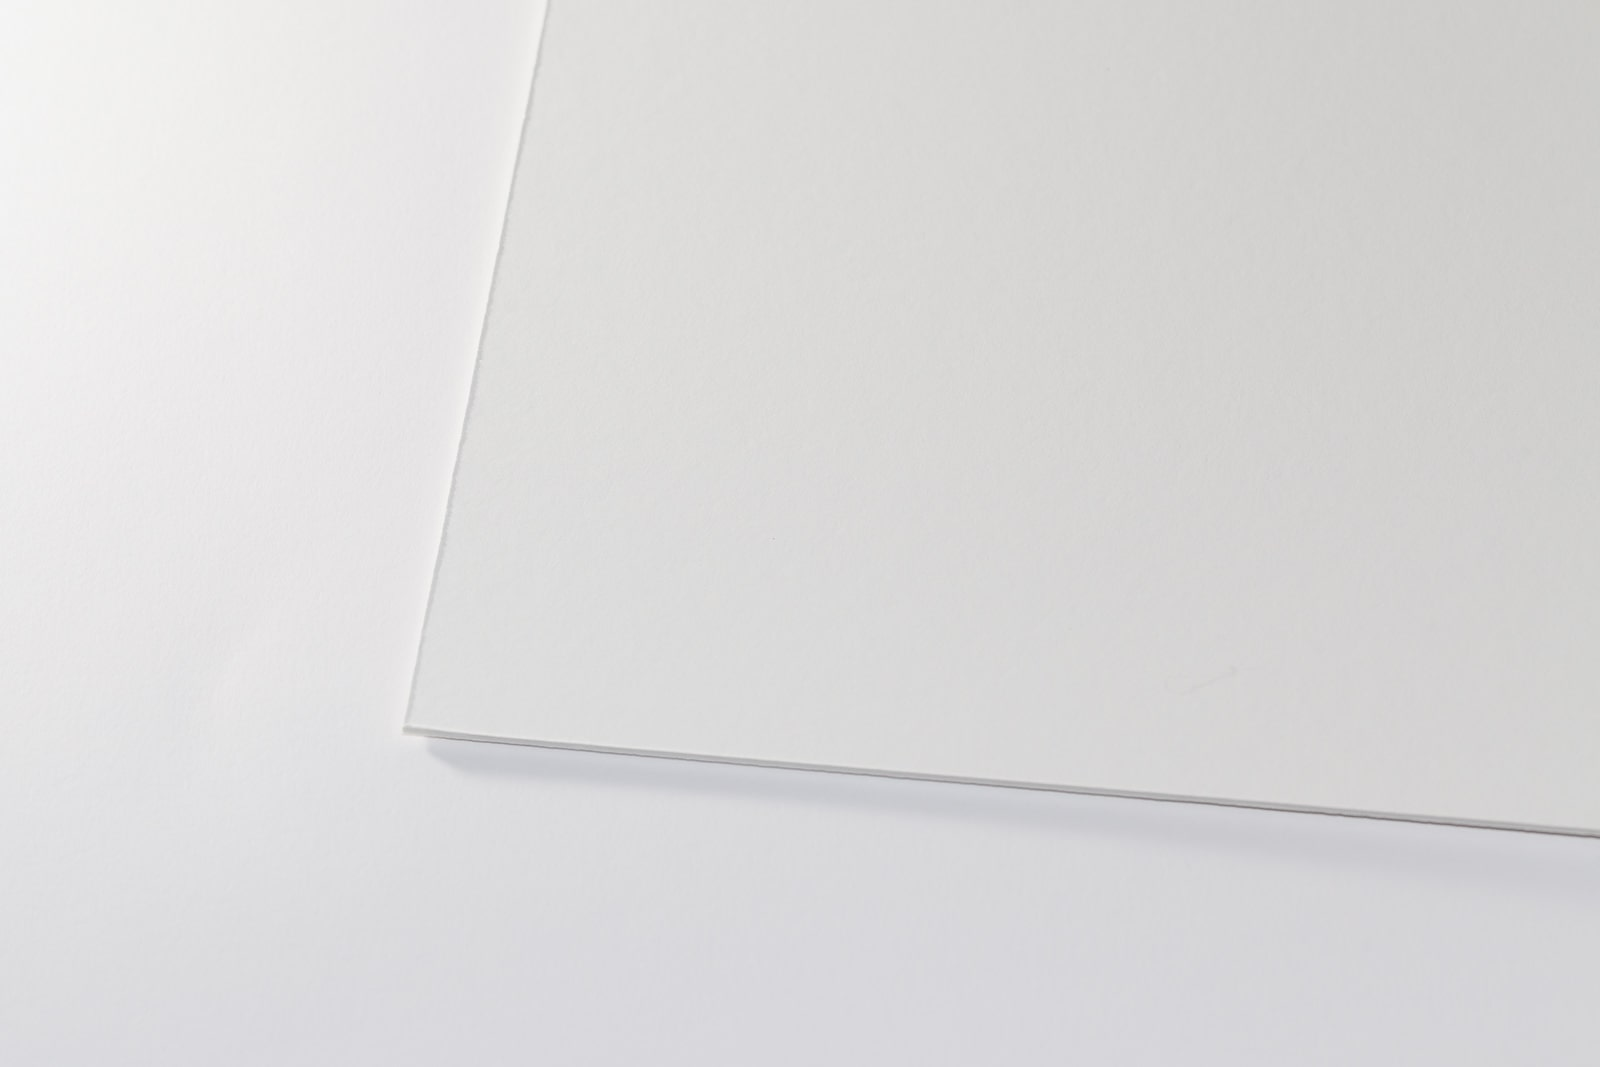 Eine Aufnahme unserer Fließkarton/ Löschkarton in einer Stärke